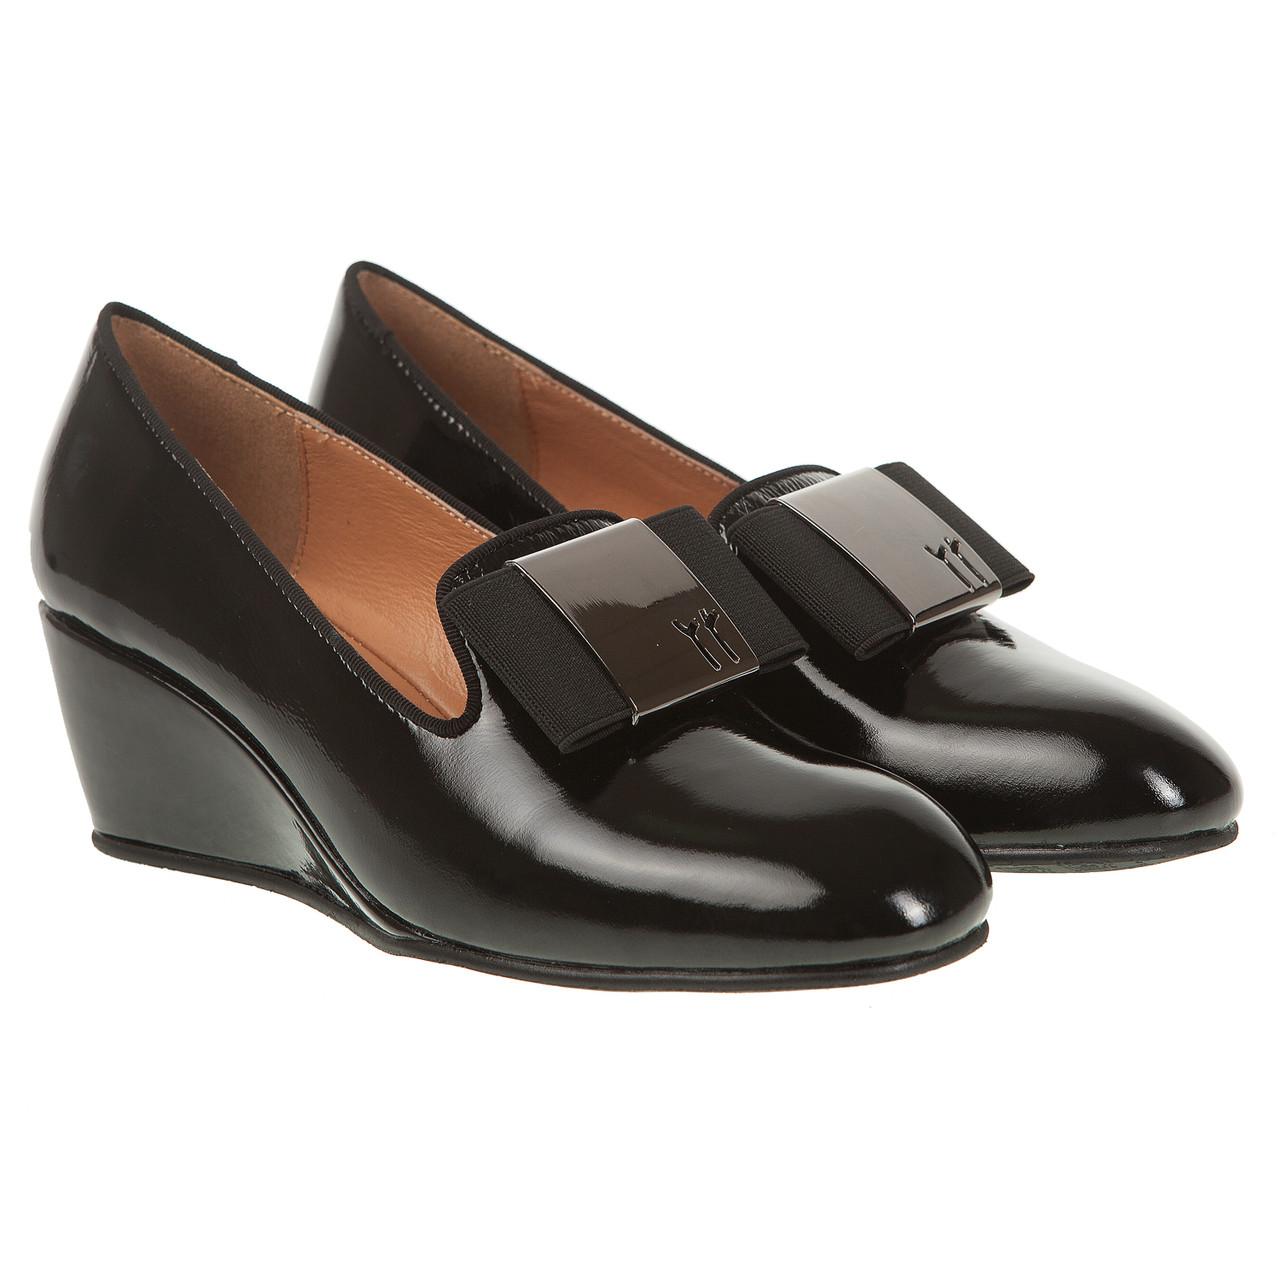 45e87b23d Туфли лоферы женские Deenoor (черные, на удобной танкетке, качественные,  комфортные)